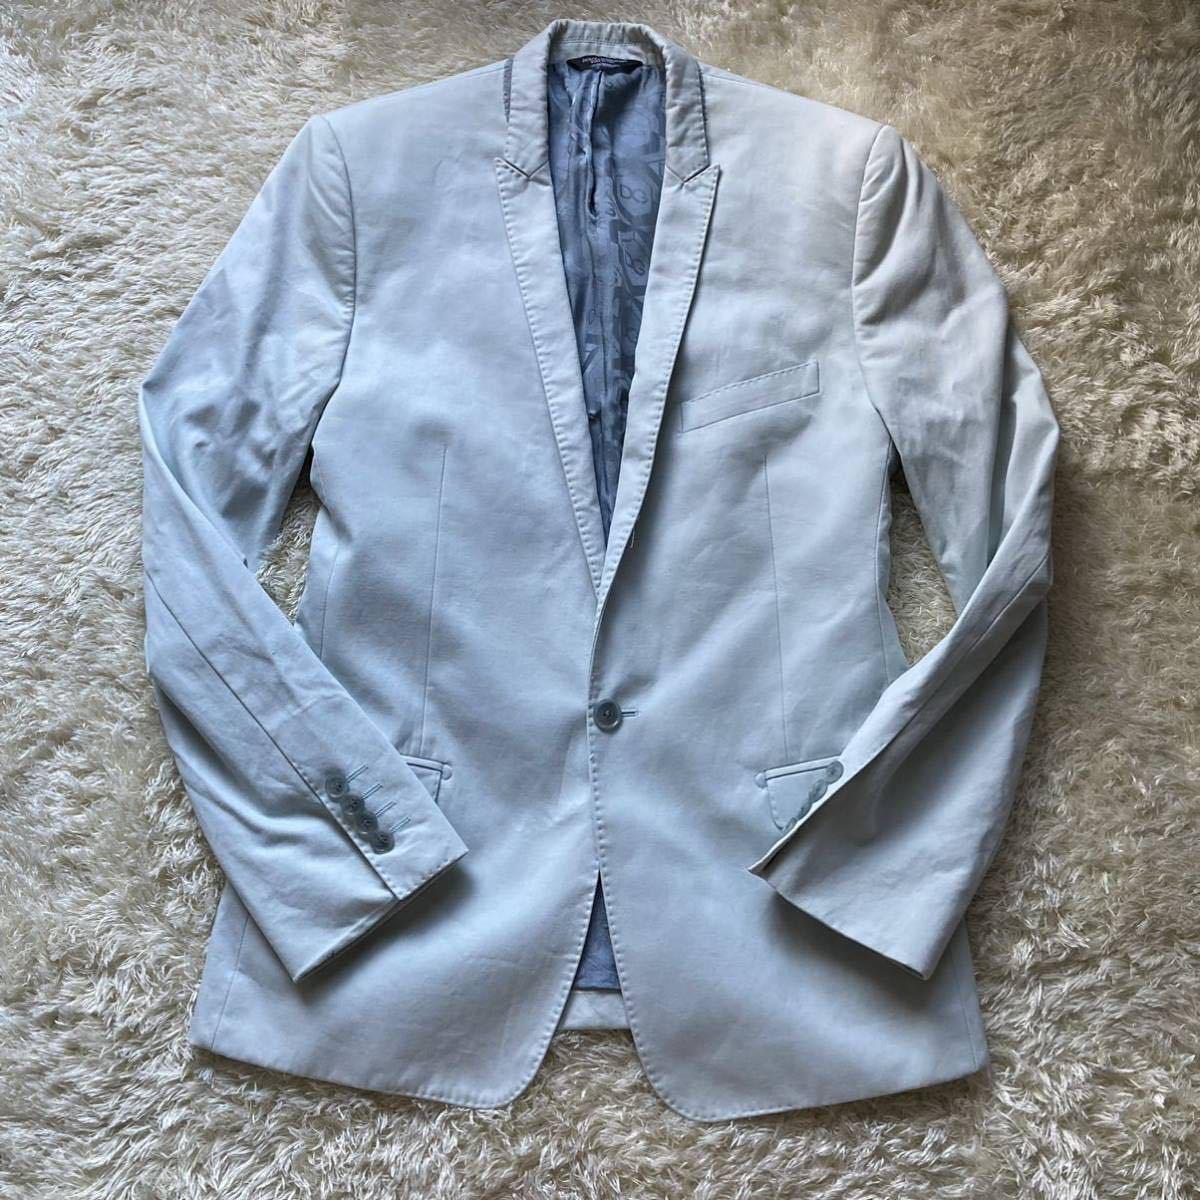 ドルチェ&ガッバーナ 「最高級の風格」DOLCE&GABBANA セットアップ 黒タグ ファッション スーツ 46 Mくらい ターコイズブルー 水色系_画像2